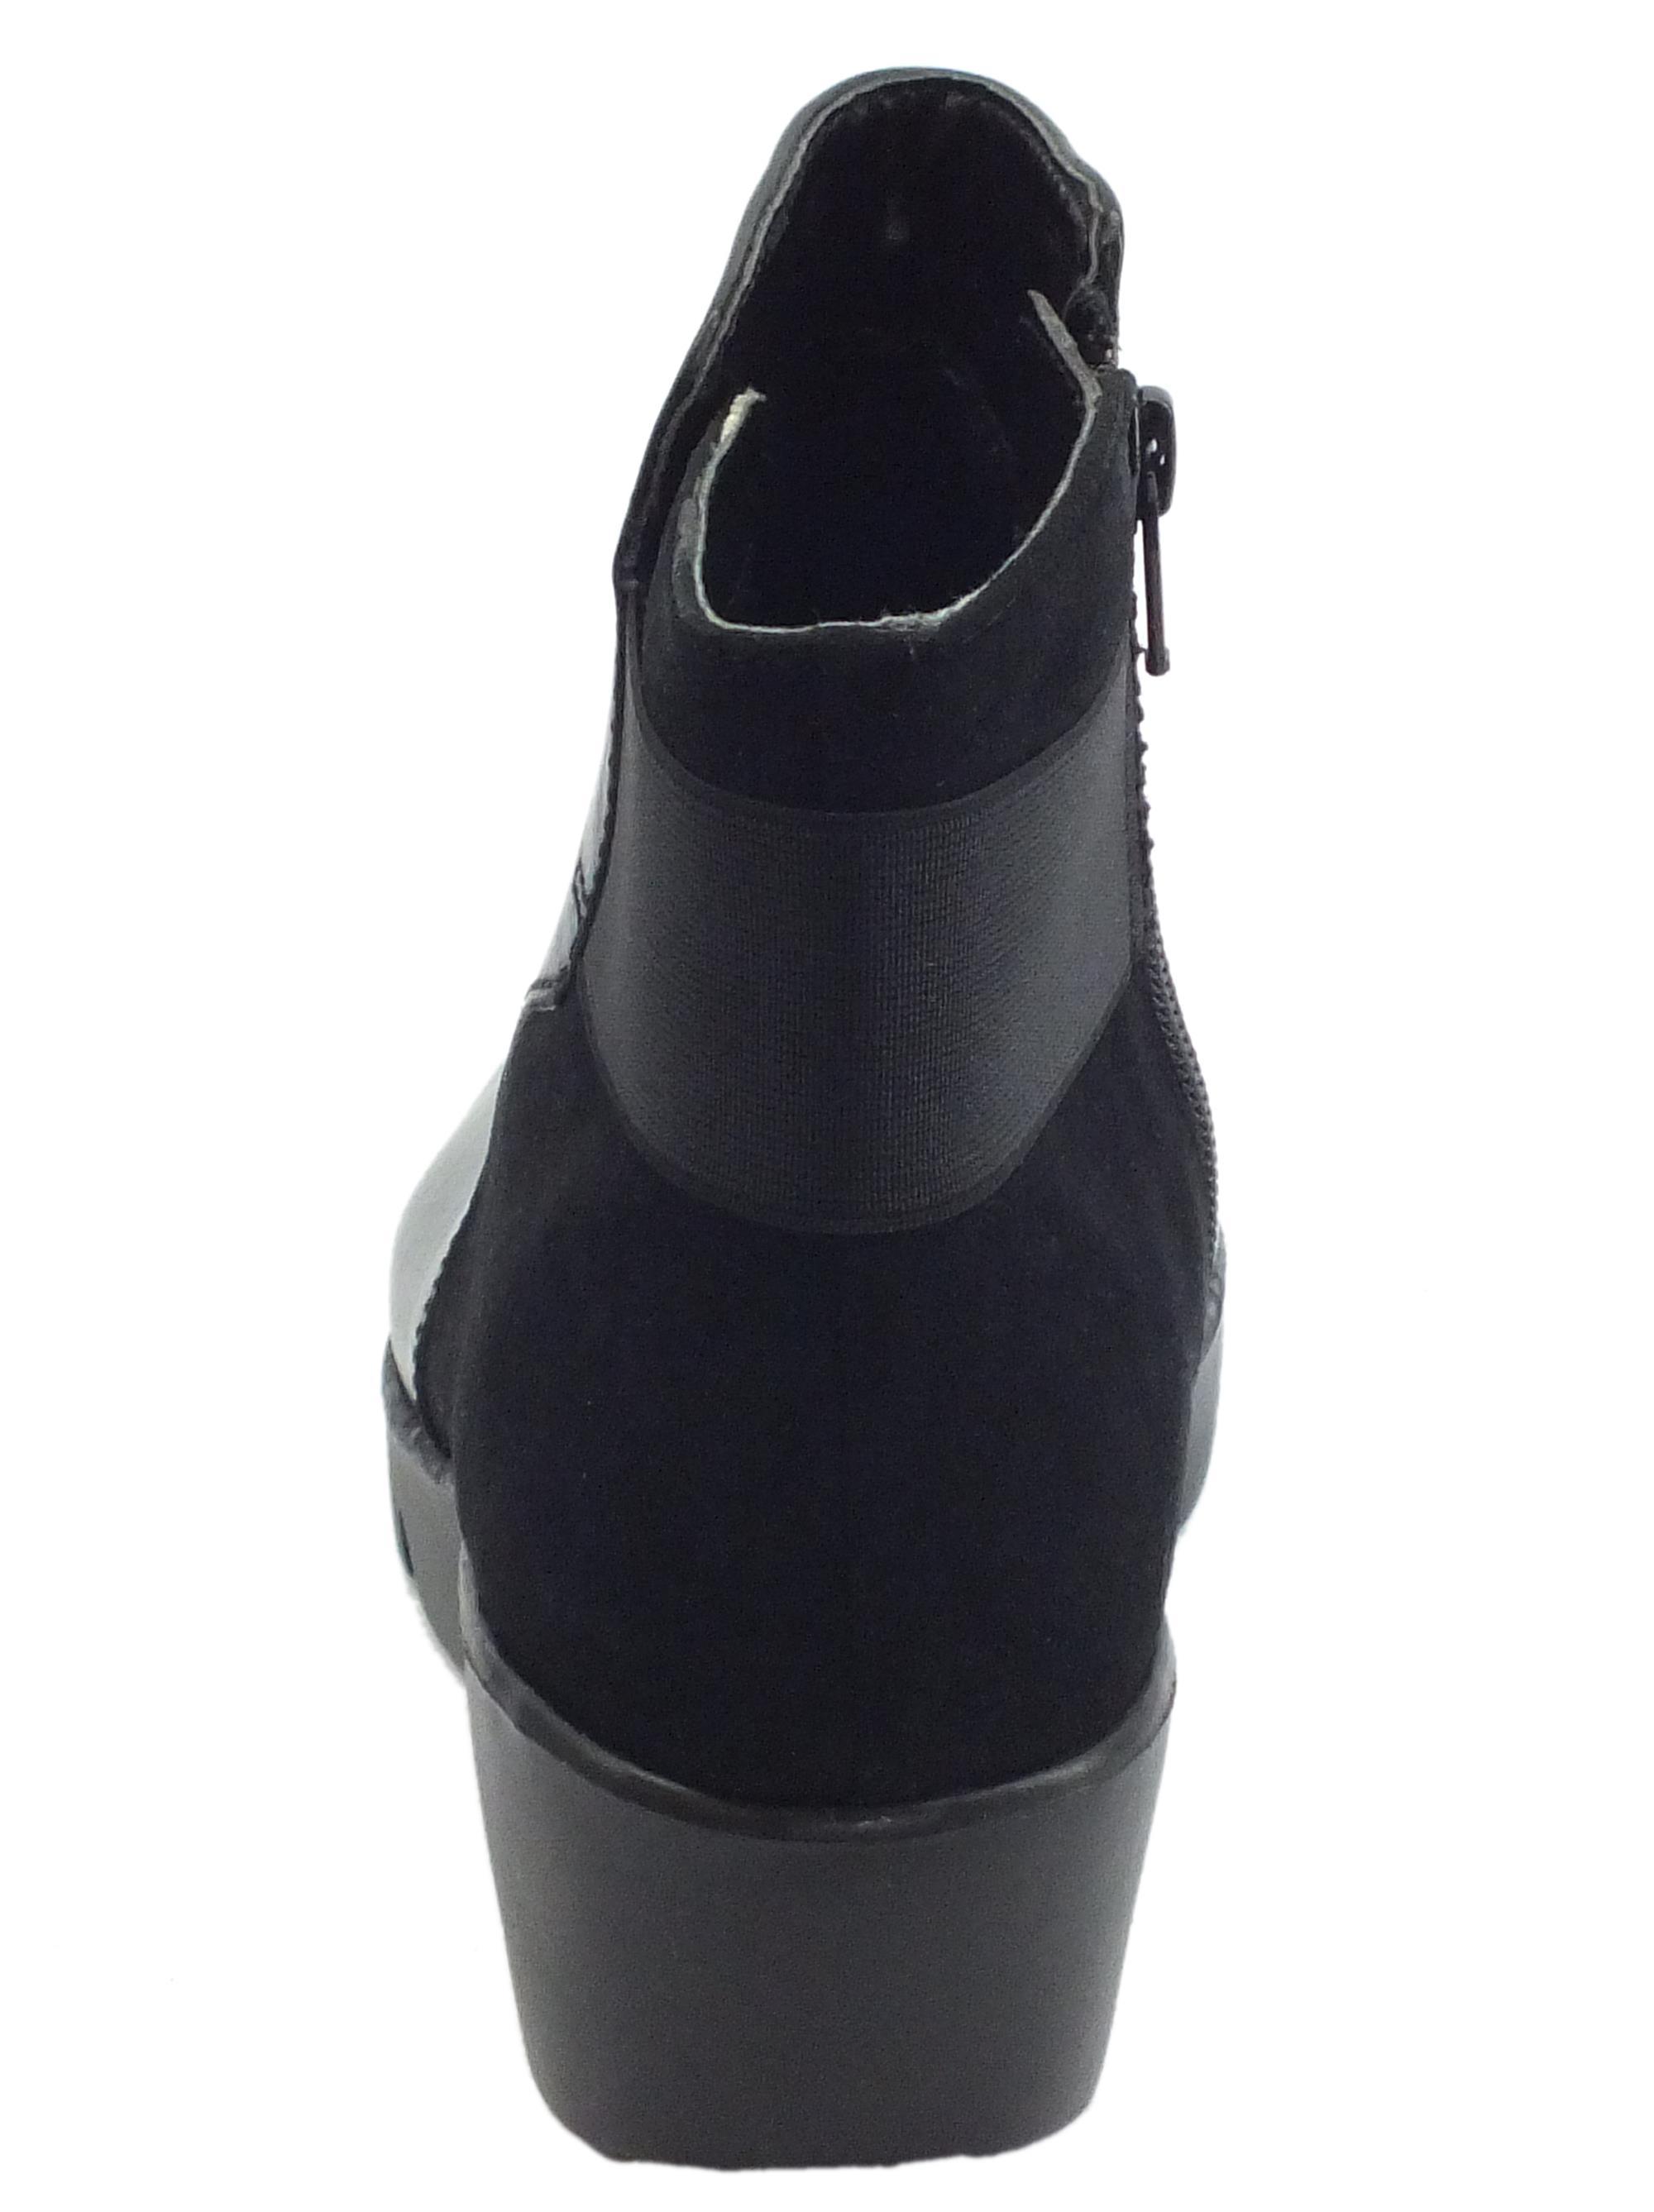 Tronchetti Cinzia Soft pelle camoscio nero lampo - Vitiello Calzature a6cb6caf2d0